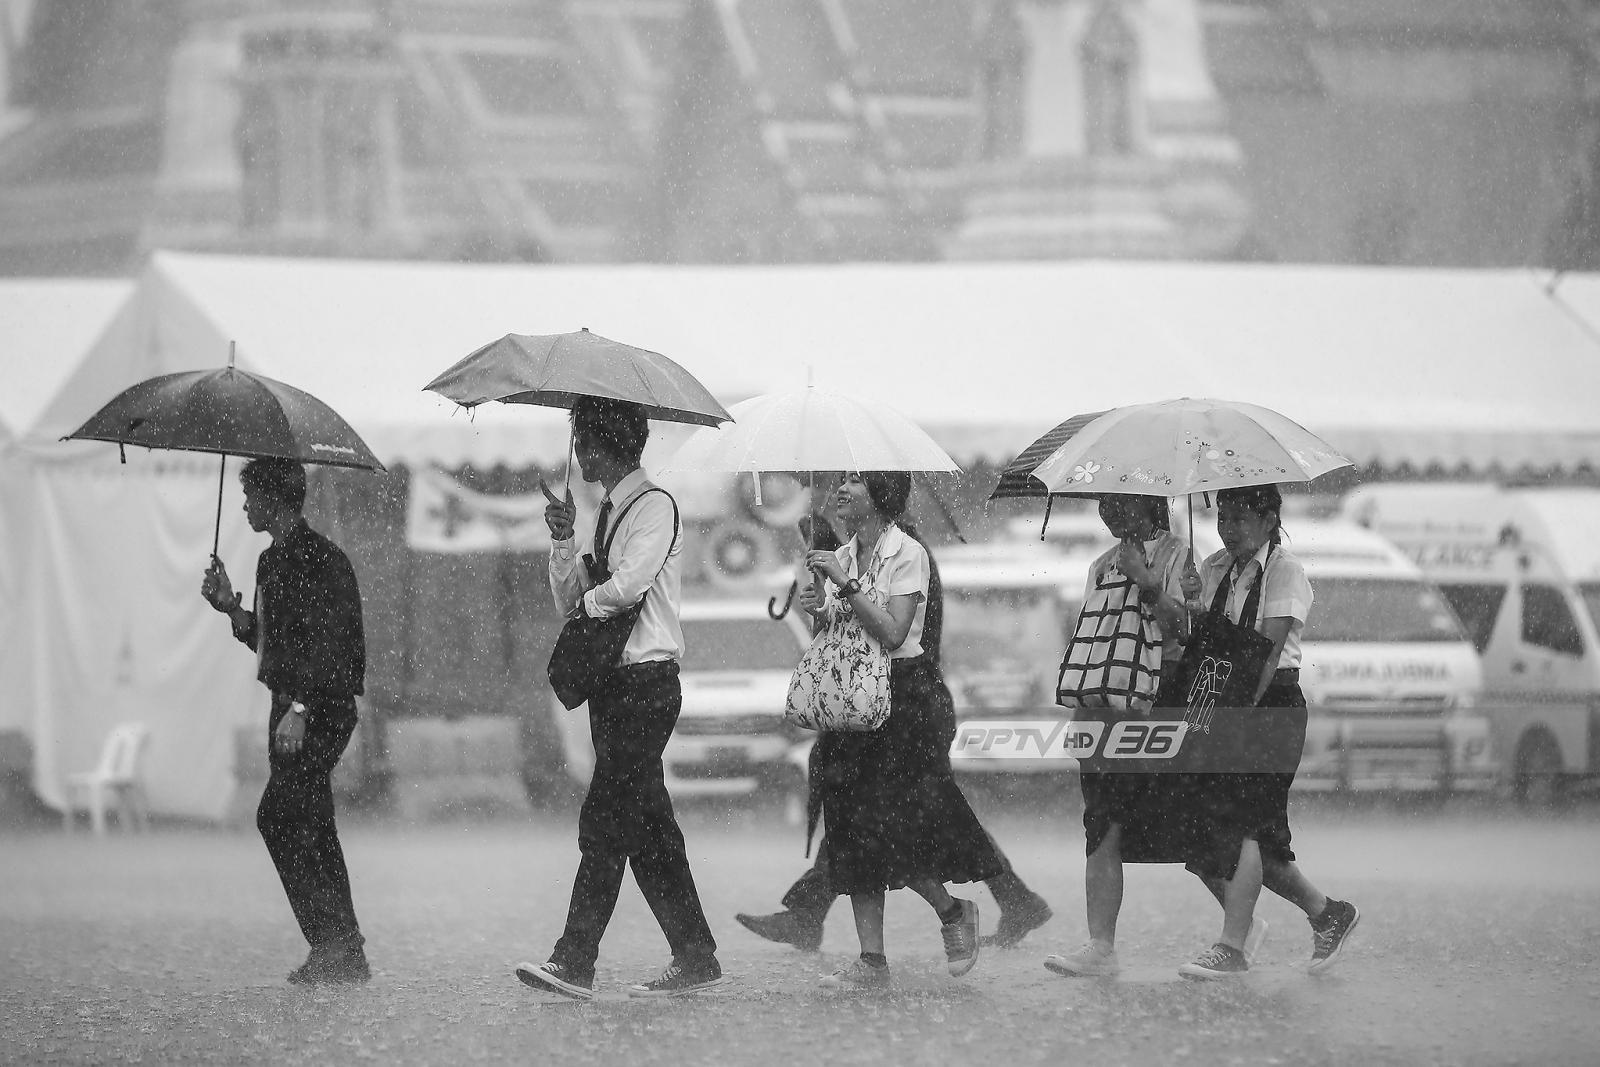 พสกนิกรไม่หวั่นสายฝน เข้ากราบพระบรมศพในหลวงรัชกาลที่ 9